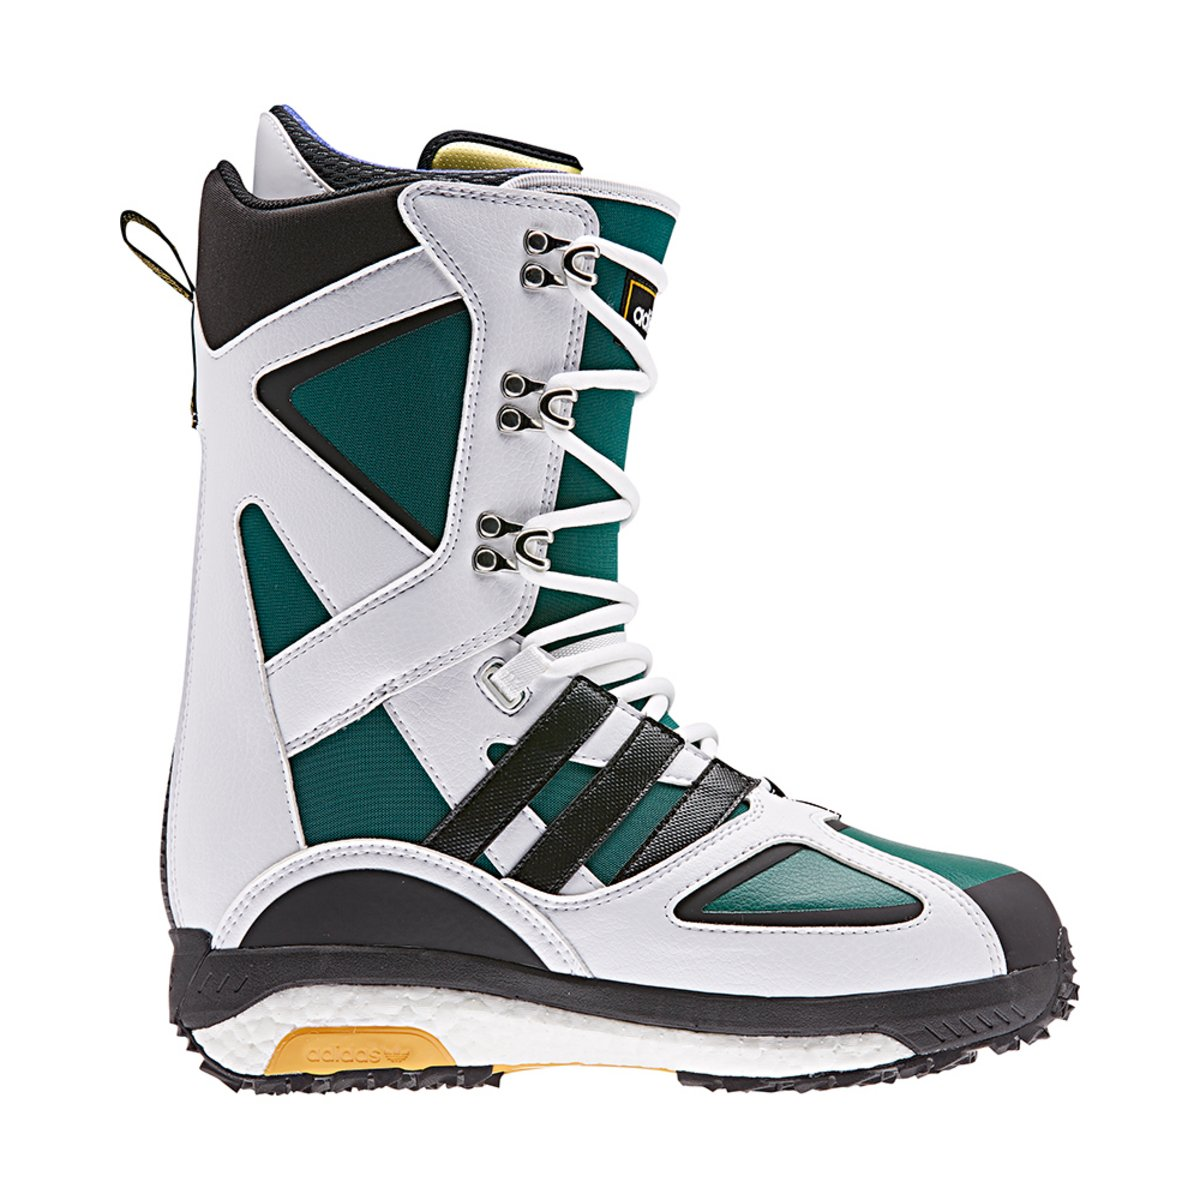 Adidas Men's Tactical Lexicon ADV Snowboard Boots 2019 / 2020 0